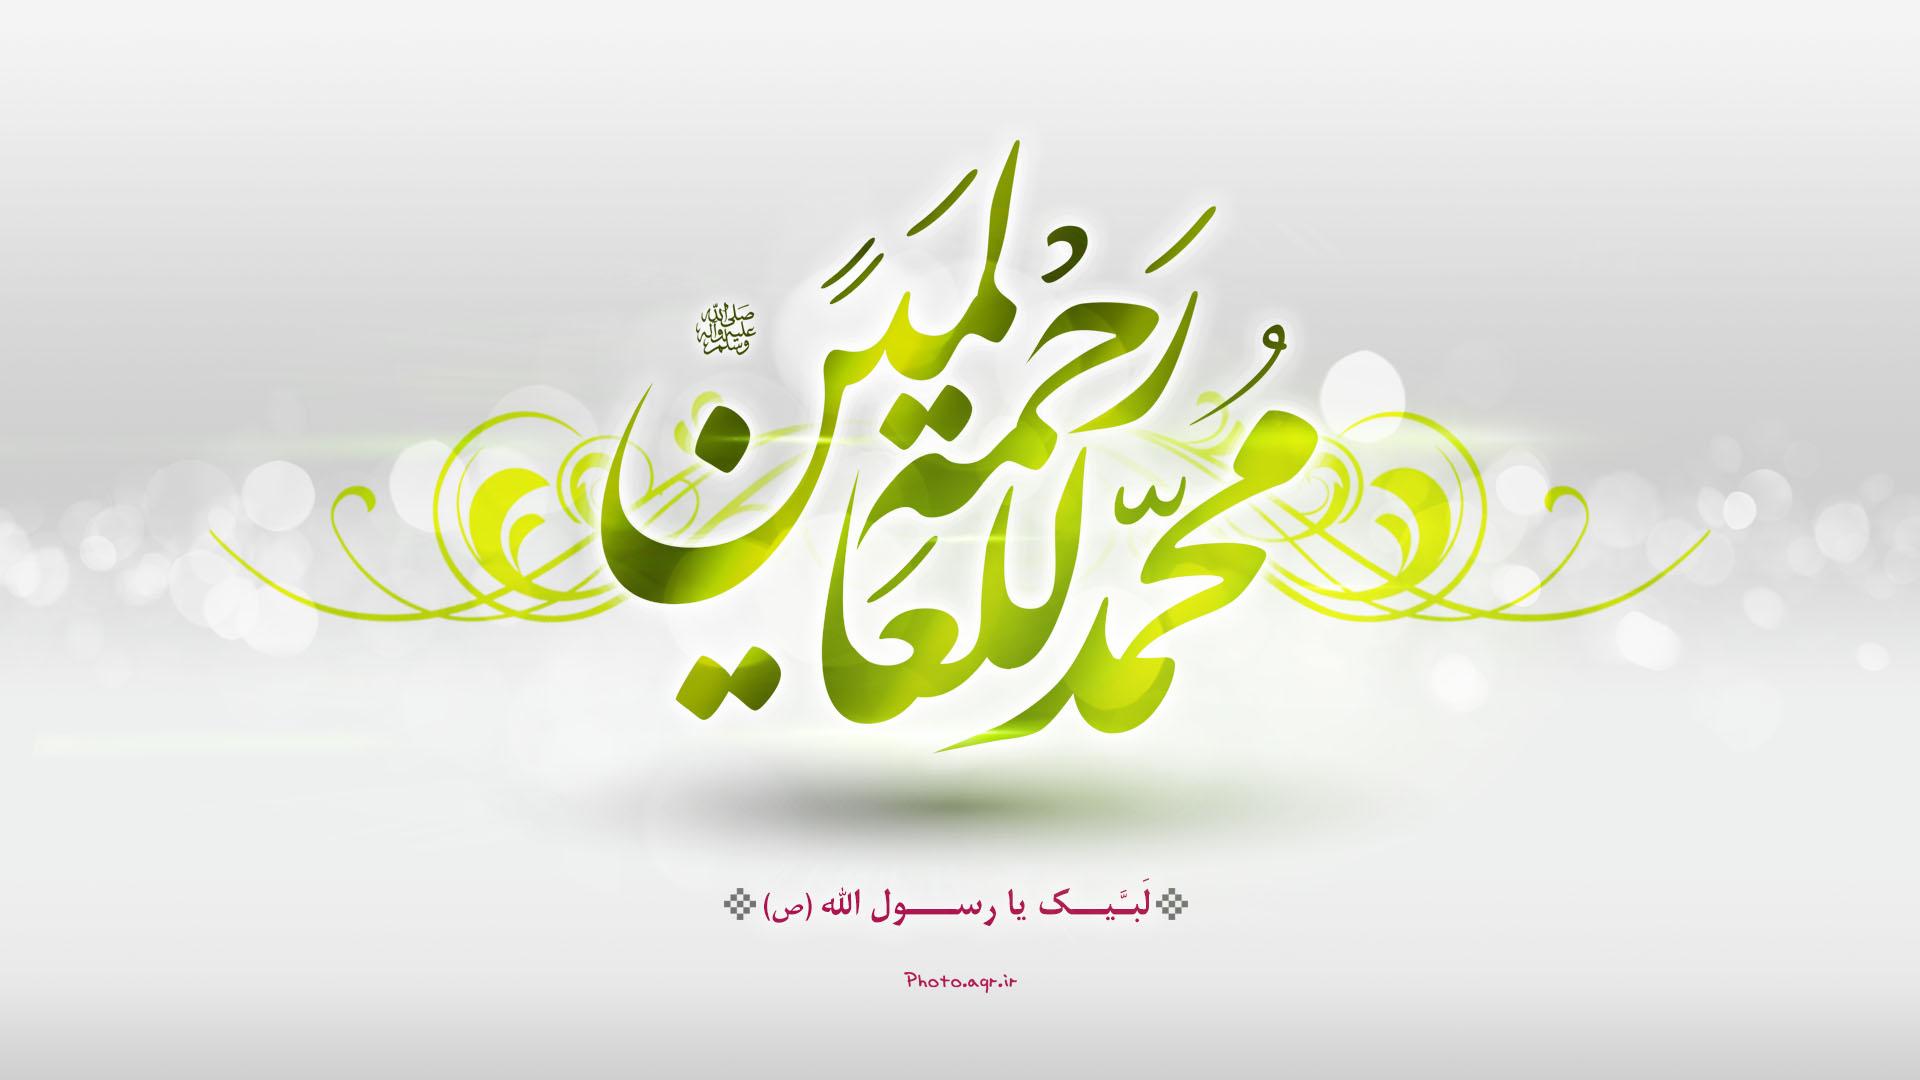 نرم افزار رحمهً للعالمین - فضایل و سیره فردى پیامبراکرم (ص)- نسخه آندروید   ya rasulallah 20160505 1364266234